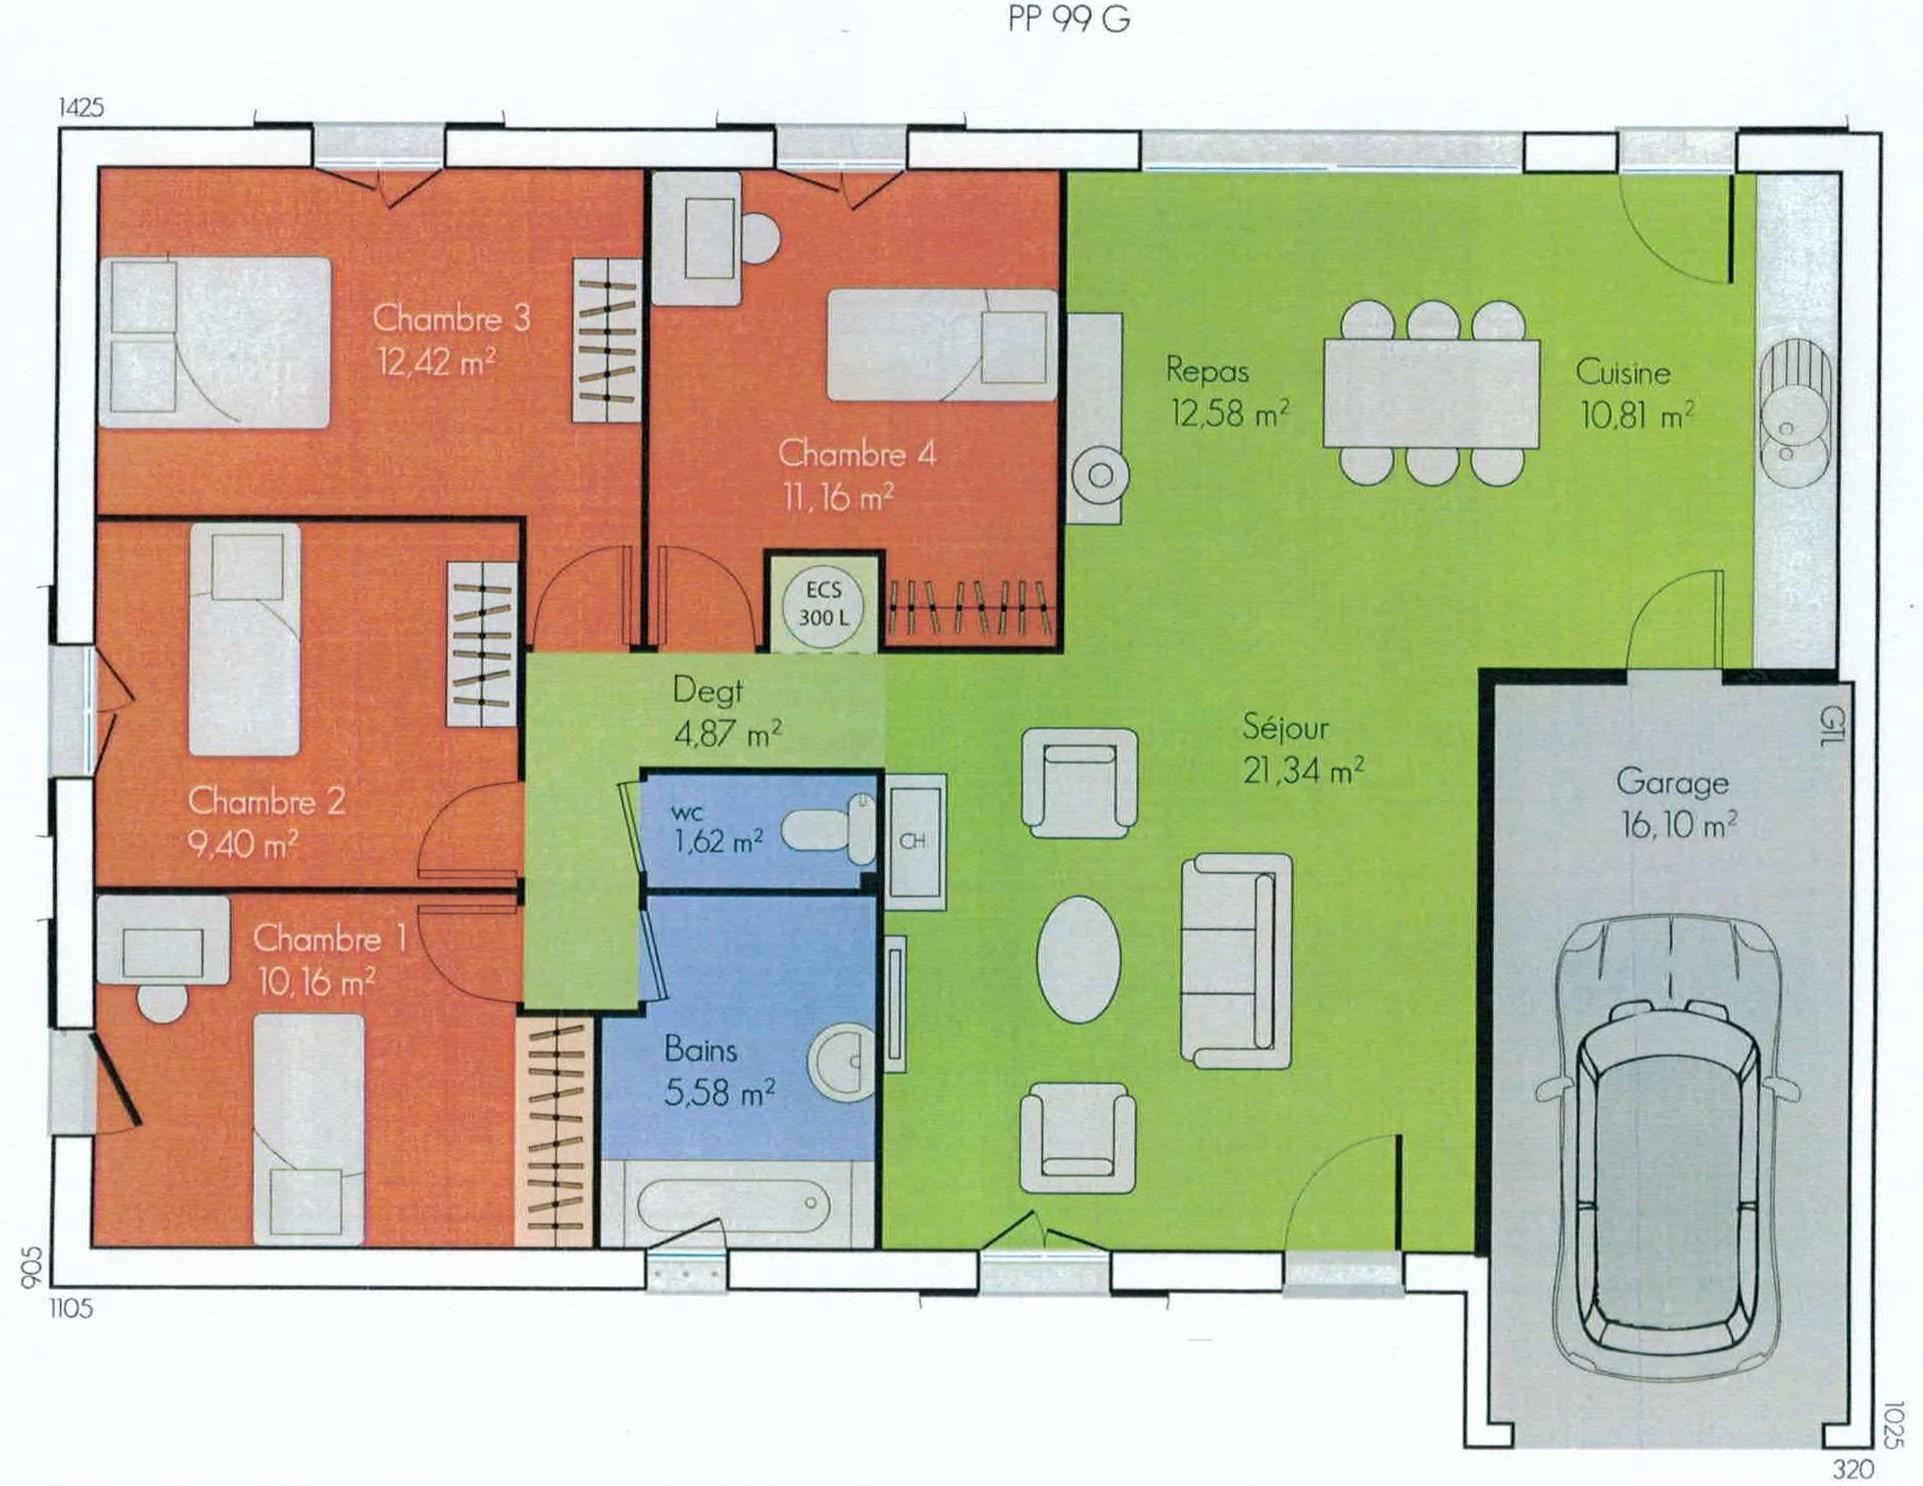 Maison plain pied 4 chambres avec garage - Plain pied 4 chambres ...